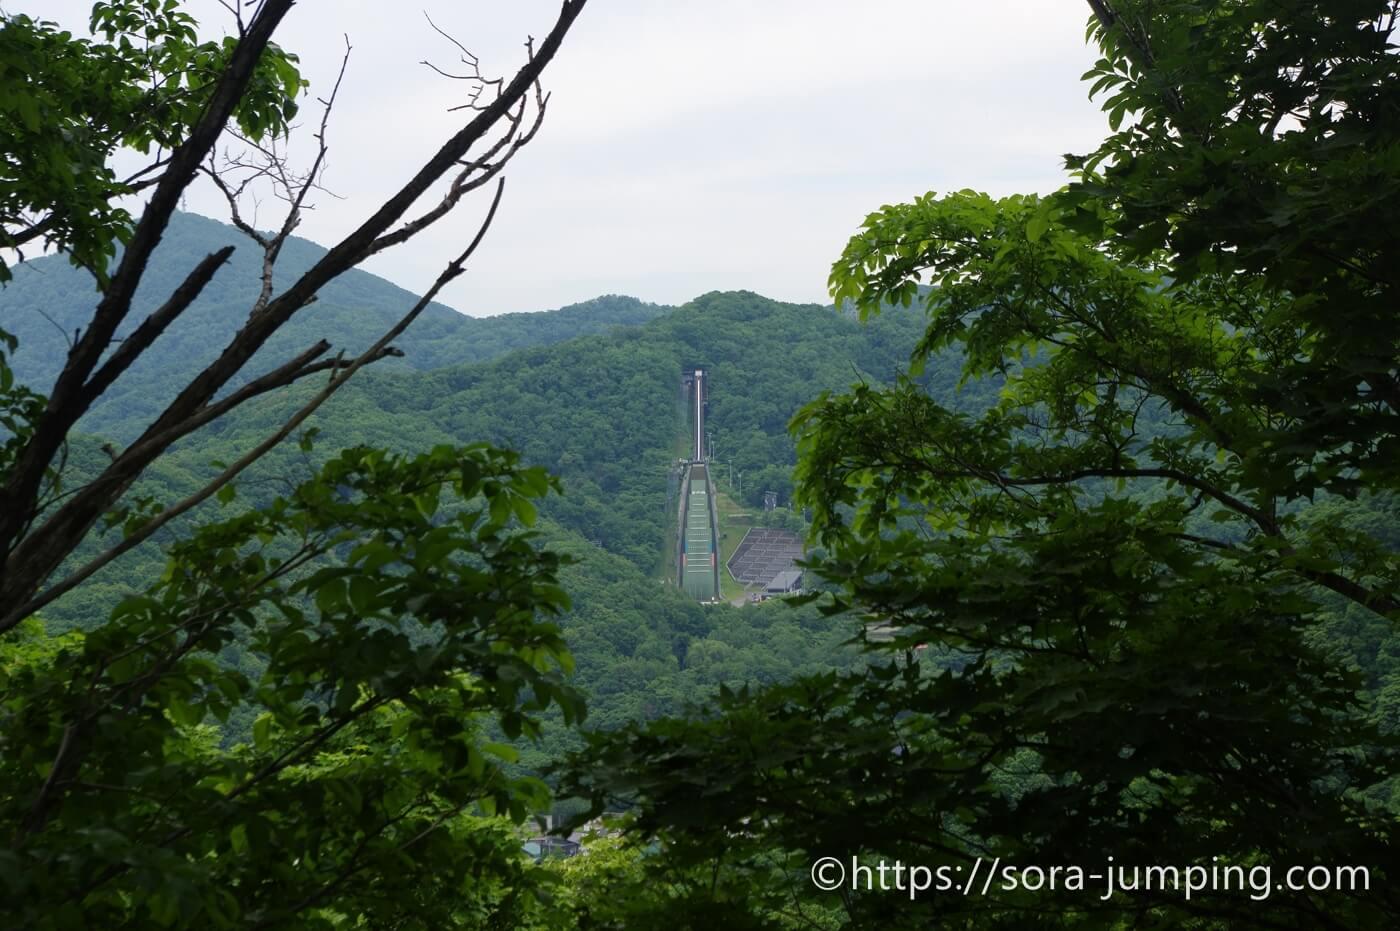 宮の森ジャンプ競技場 sora色ジャンプ